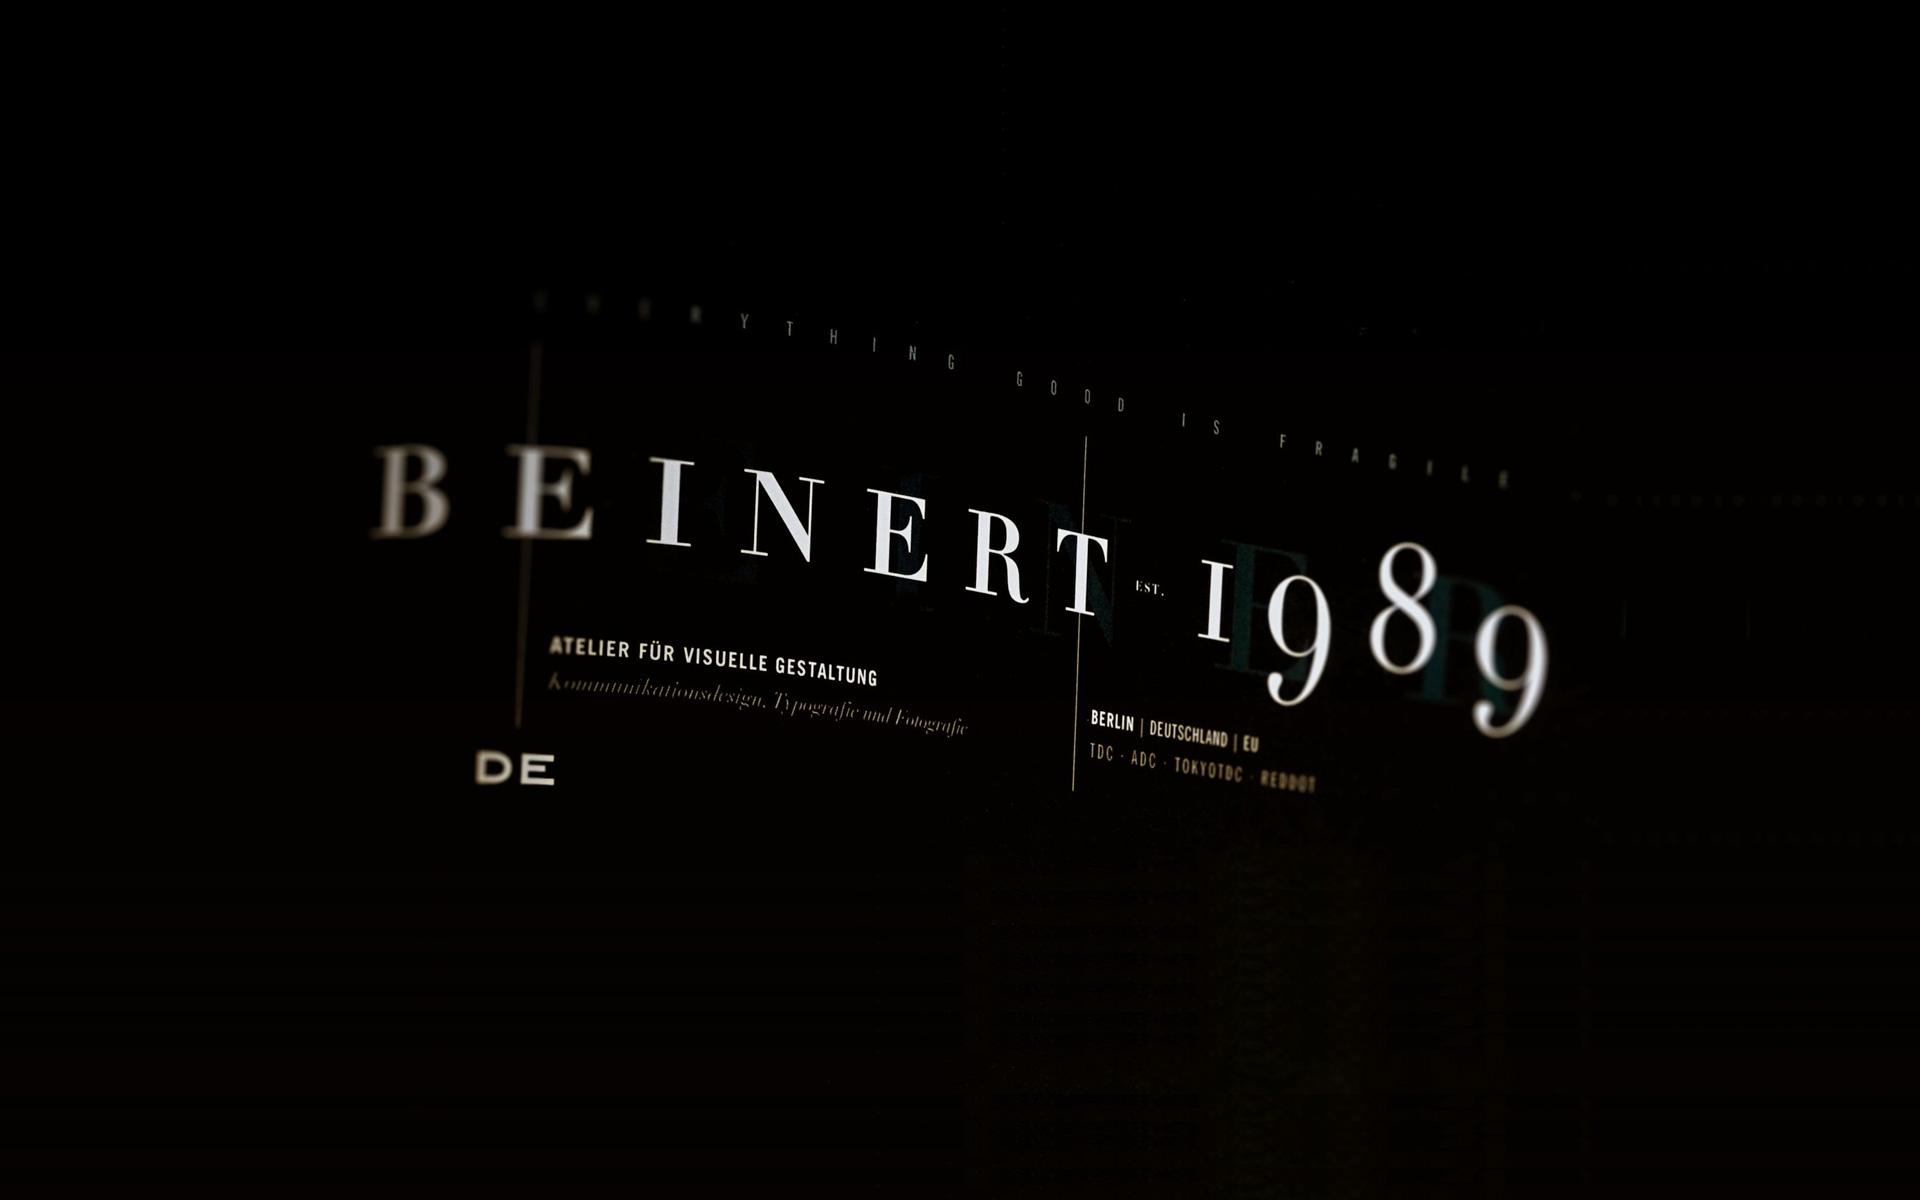 Beinert | Atelier für visuelle Gestaltung : Grafikdesign, Typografie und Fotografie, Berlin.